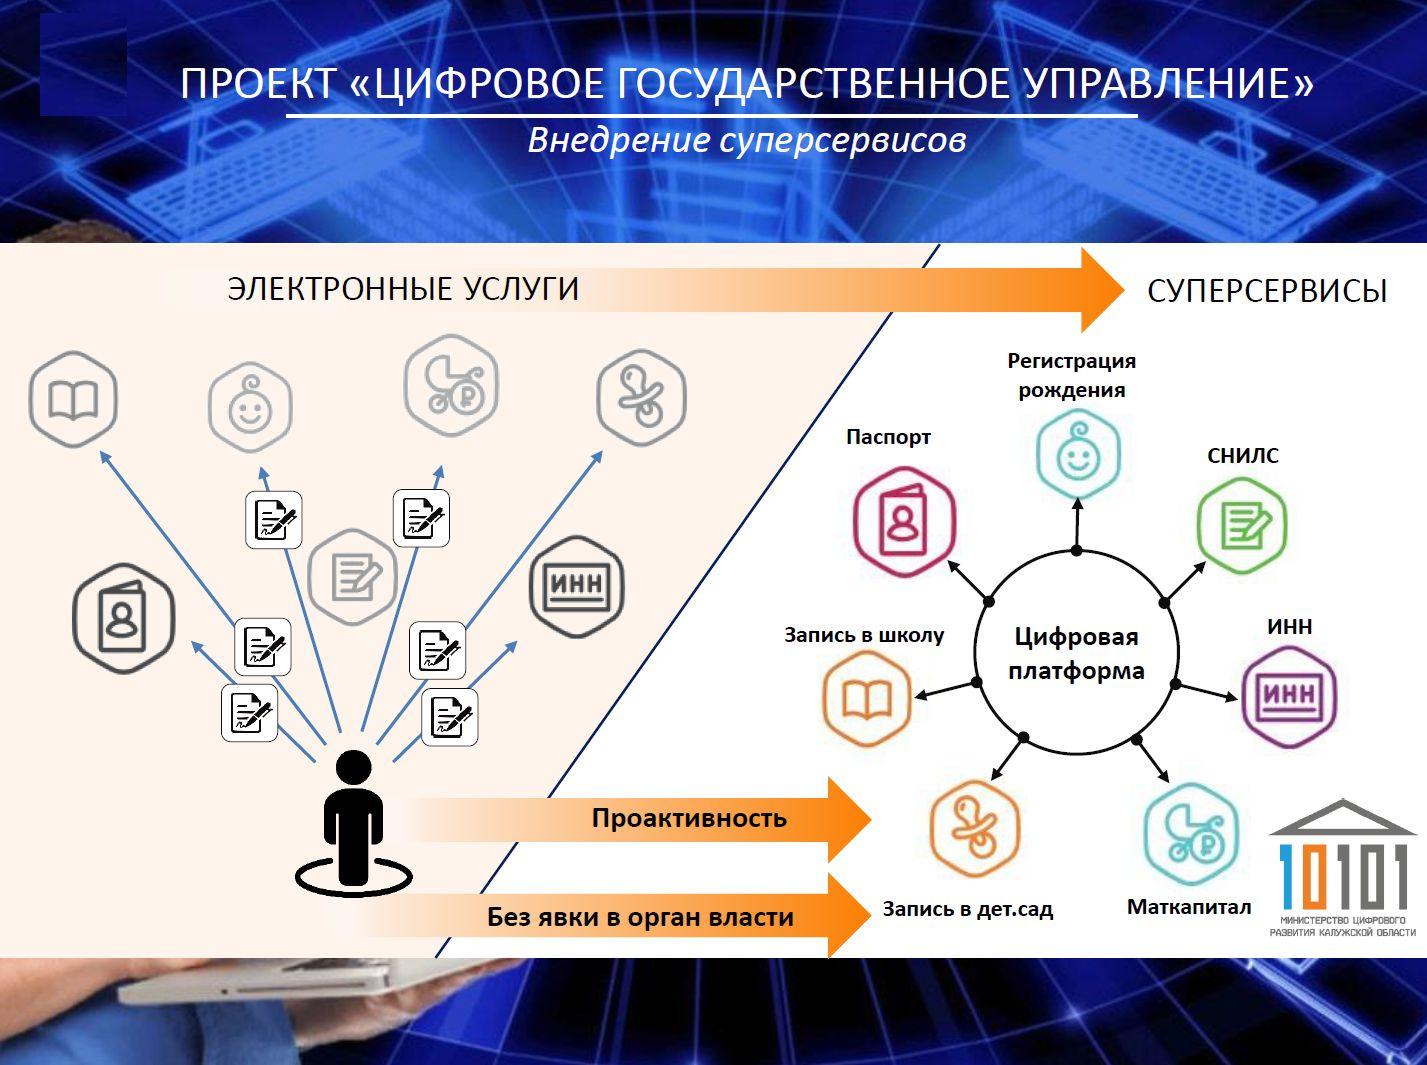 Итоги работы министерства цифрового развития Калужской области за 2018 год